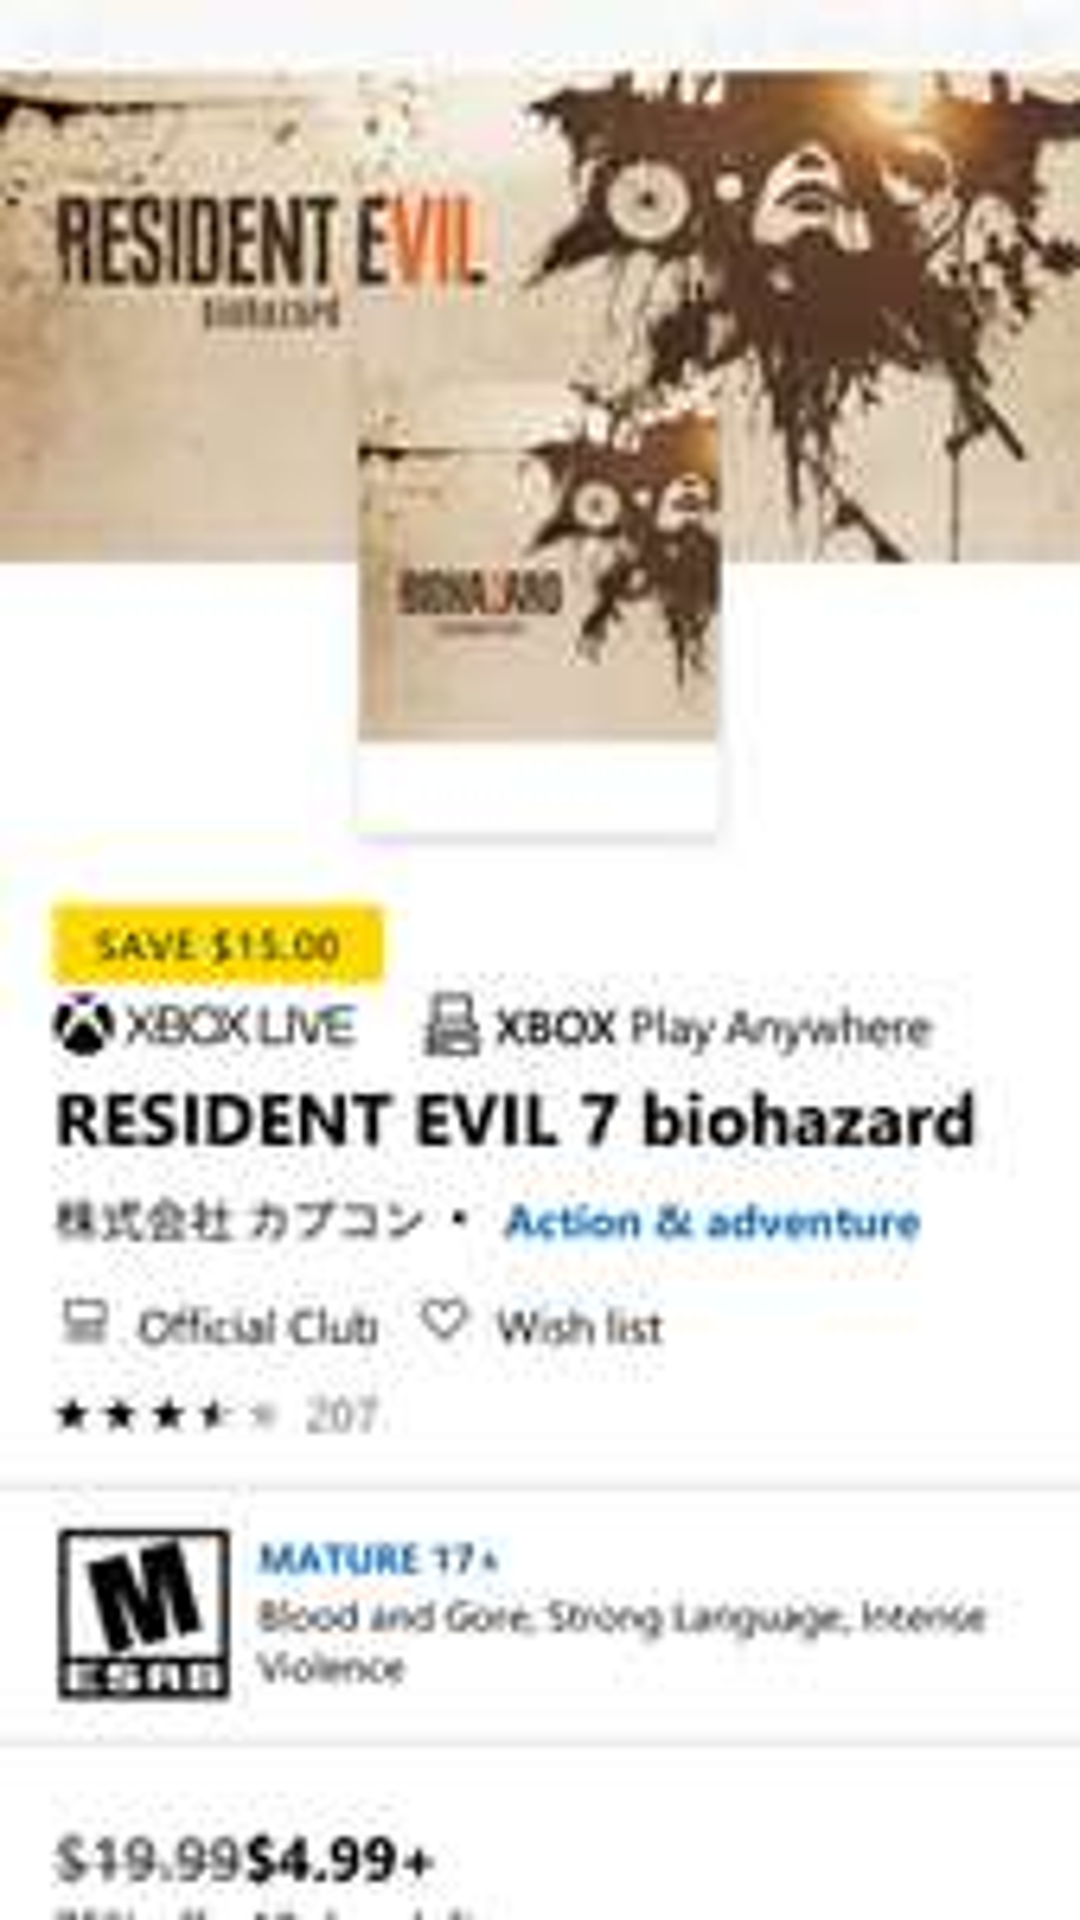 Resident Evil 7: Biohazard (Xbox One/PC kod cyfrowy ) za 4,99$ (Xbox Store US)